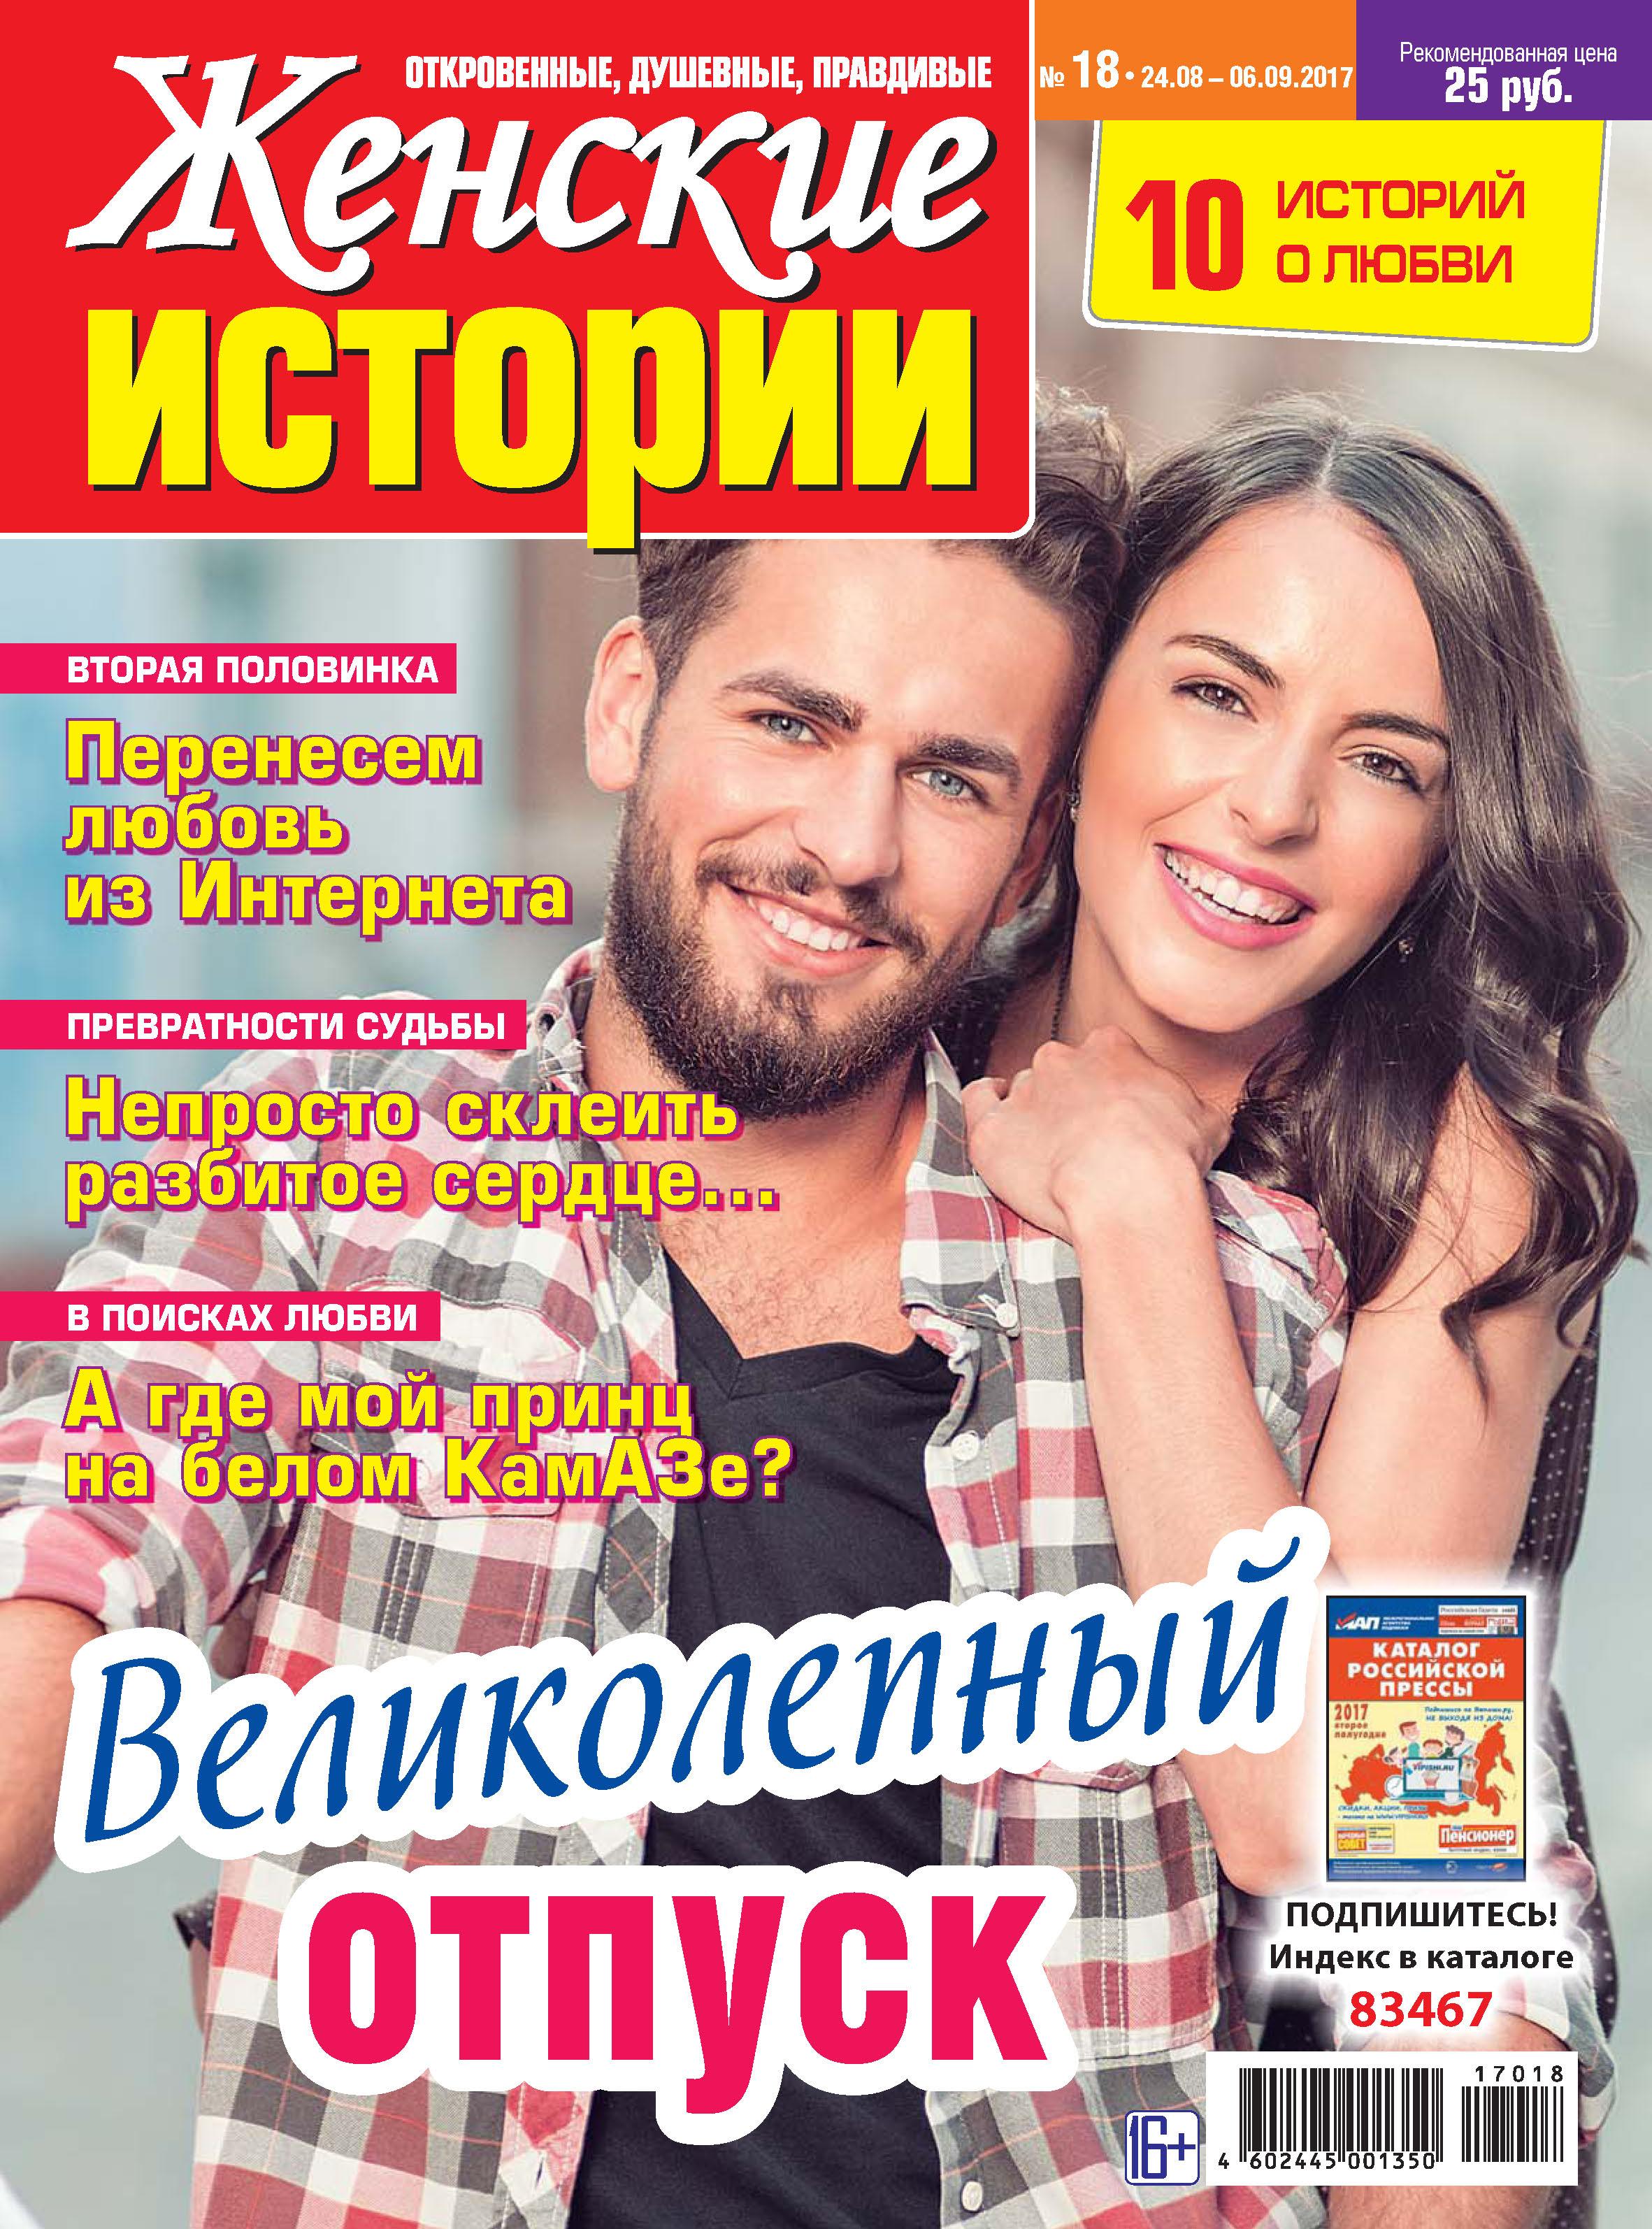 цена Отсутствует Женские истории №18/2017